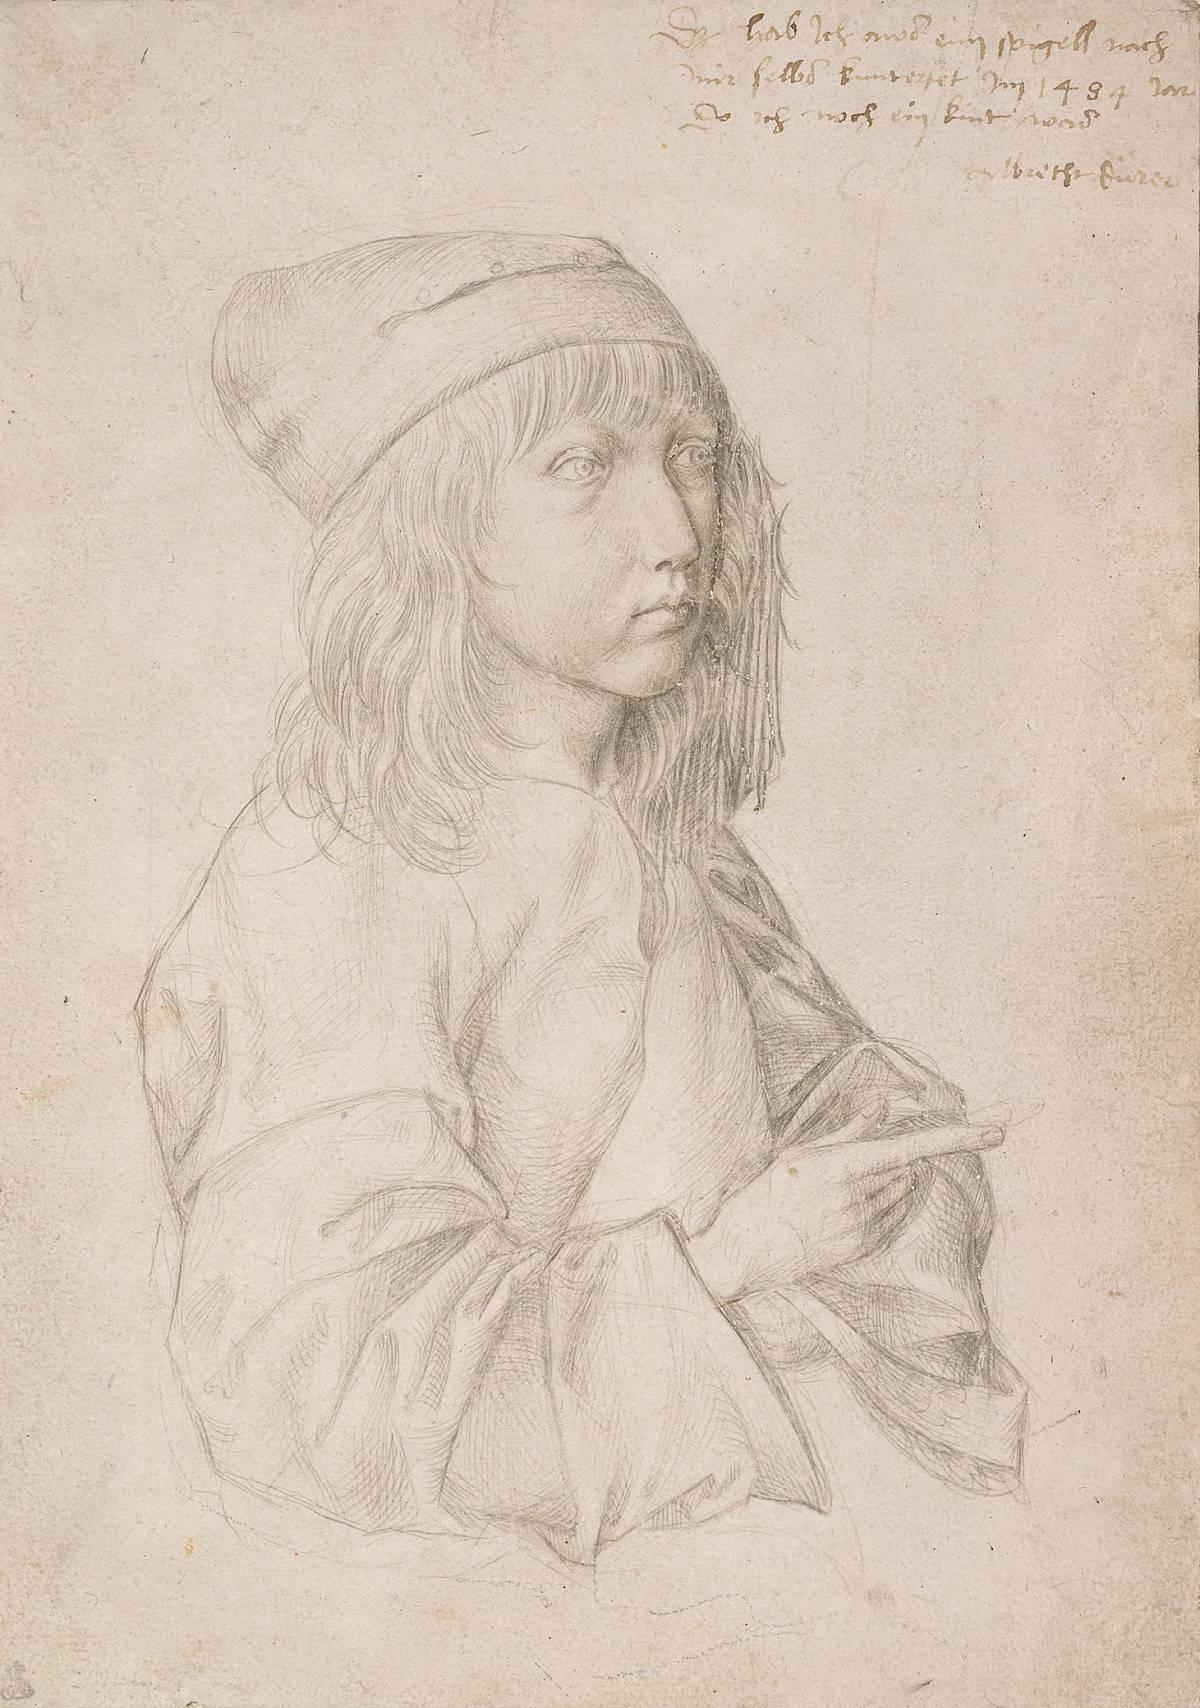 Albrecht Dürer: autoritratto all'età di tredici anni, 1484